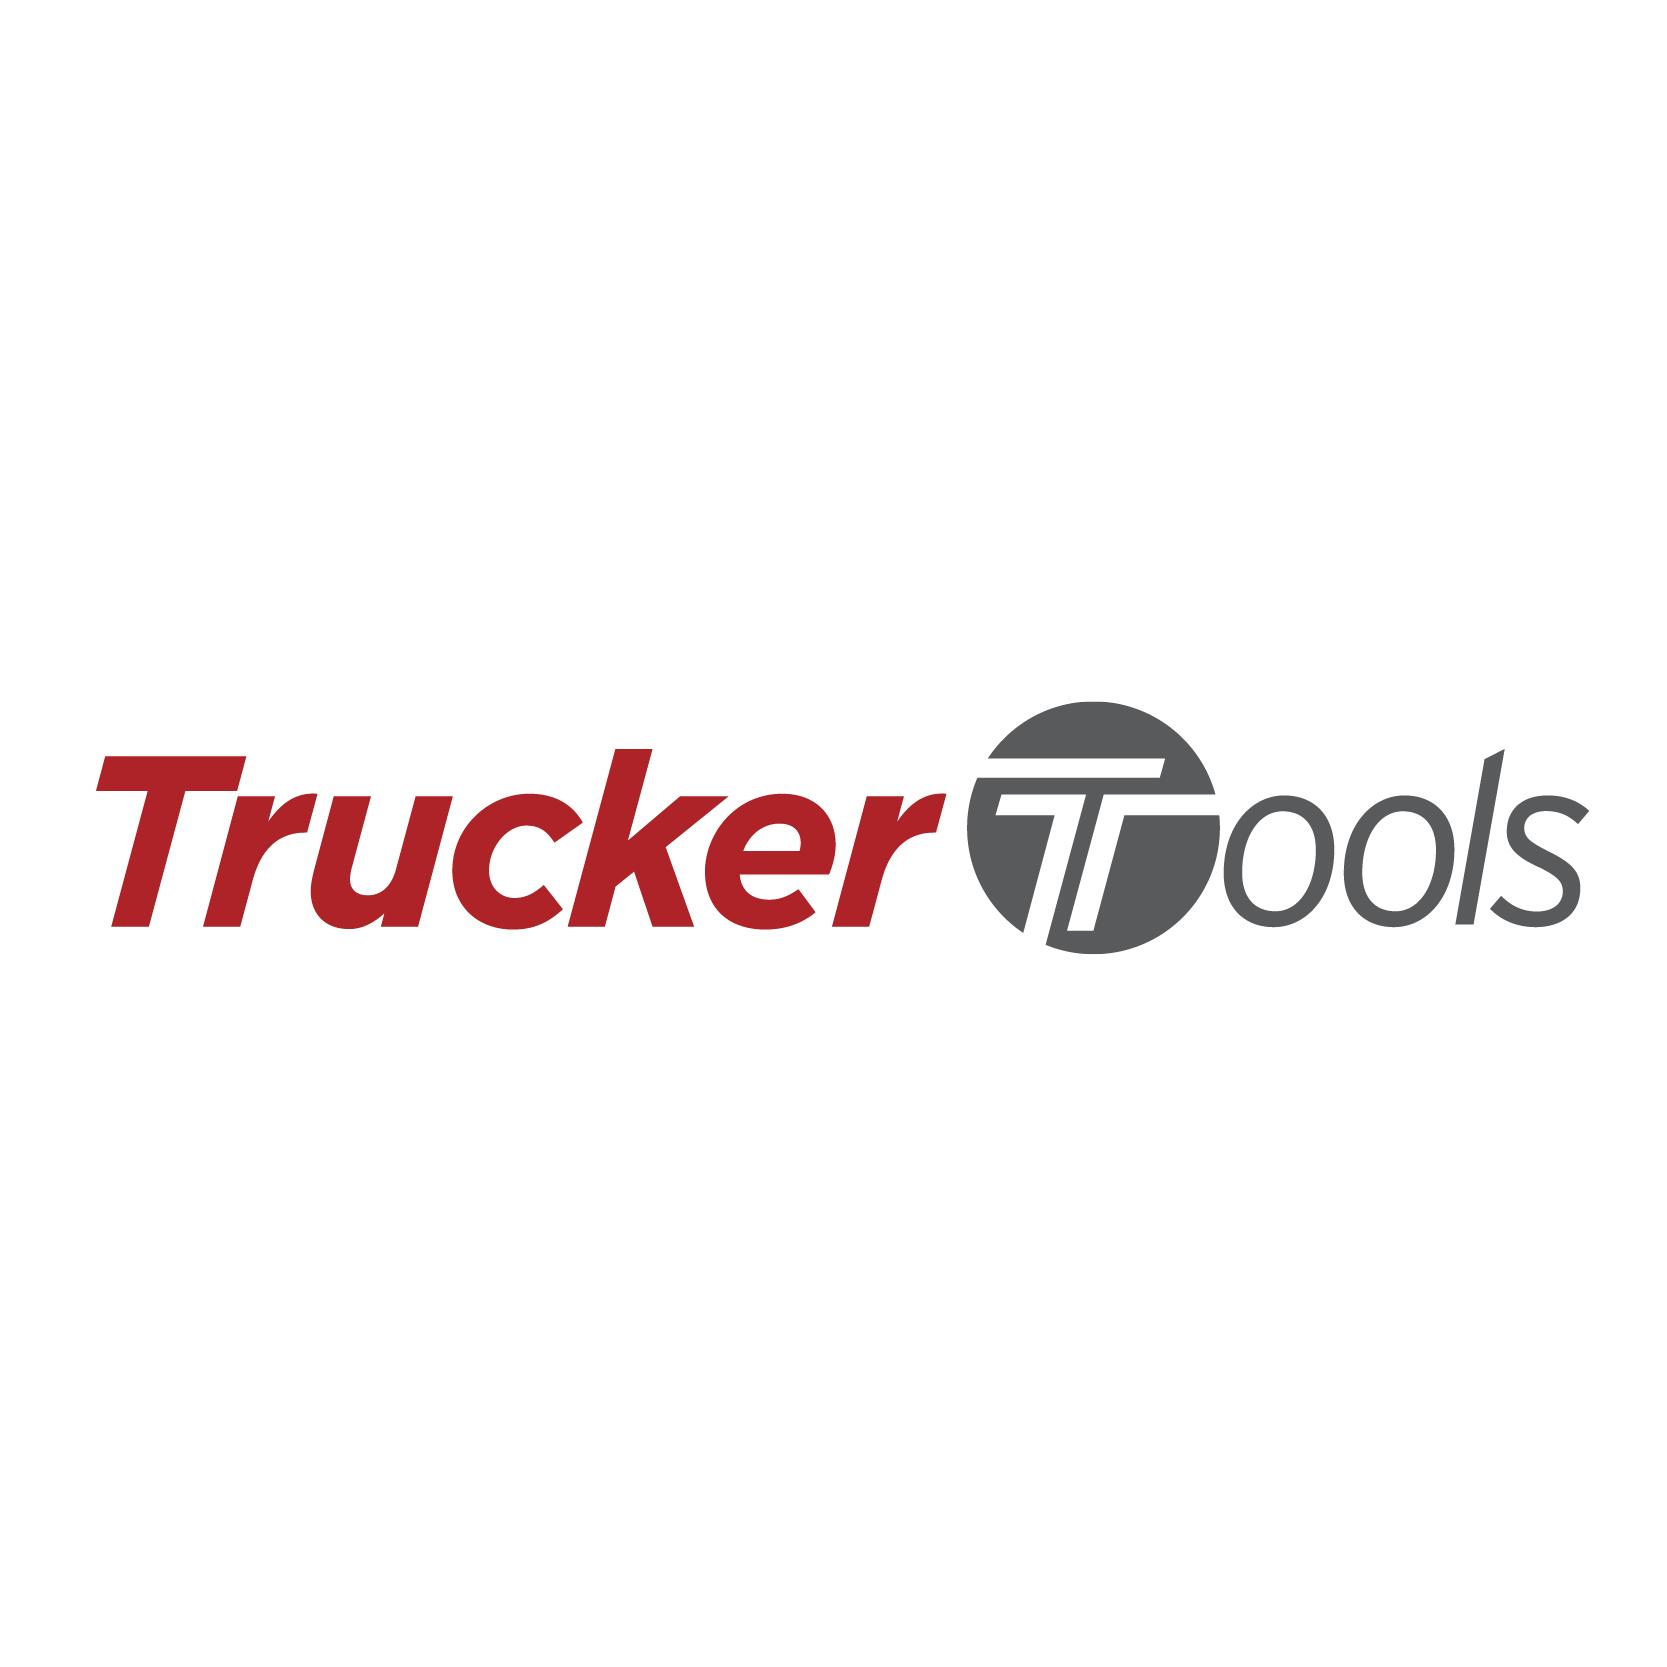 Expo Hall Logo 400x400 (TruckerTools)